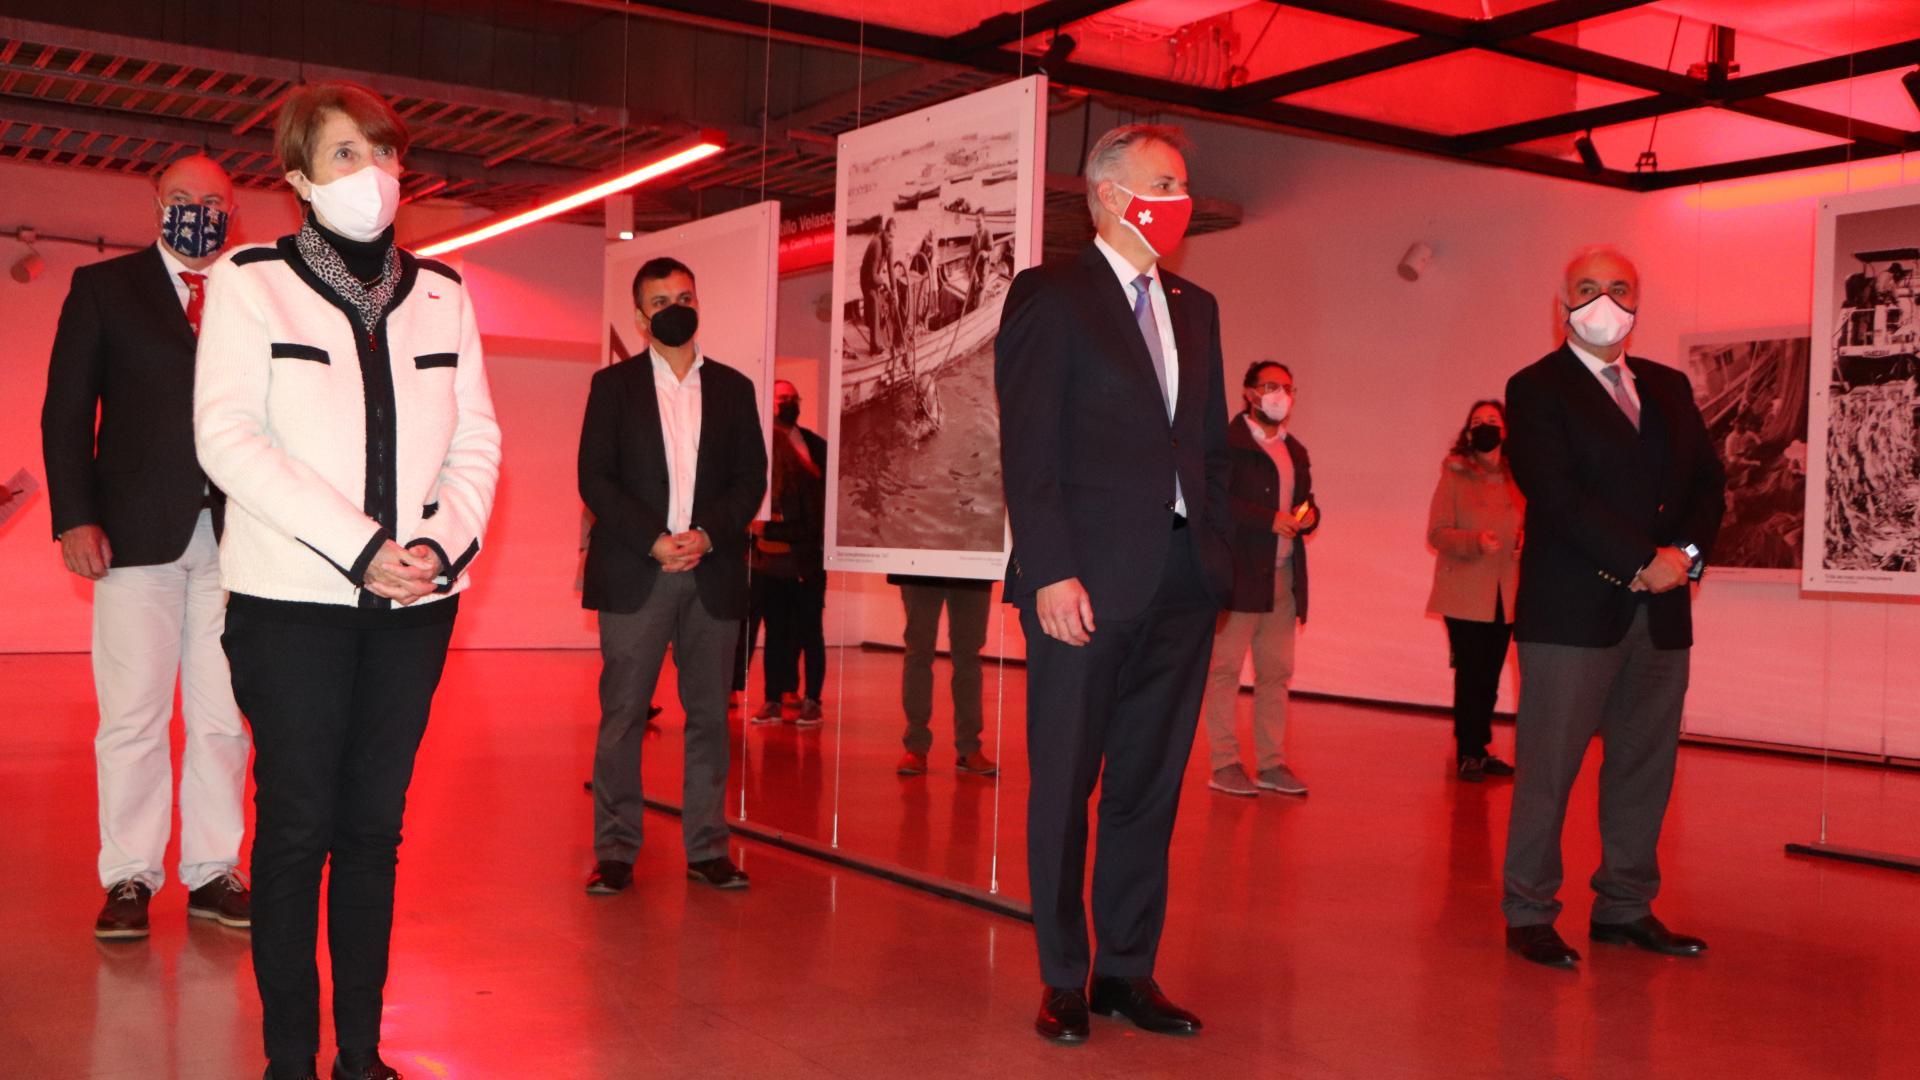 Imagen de Ministerio de las Culturas, Embajada de Suiza y Metro de Santiago inauguran galería de arte público con exposición fotográfica de Roberto Montandon